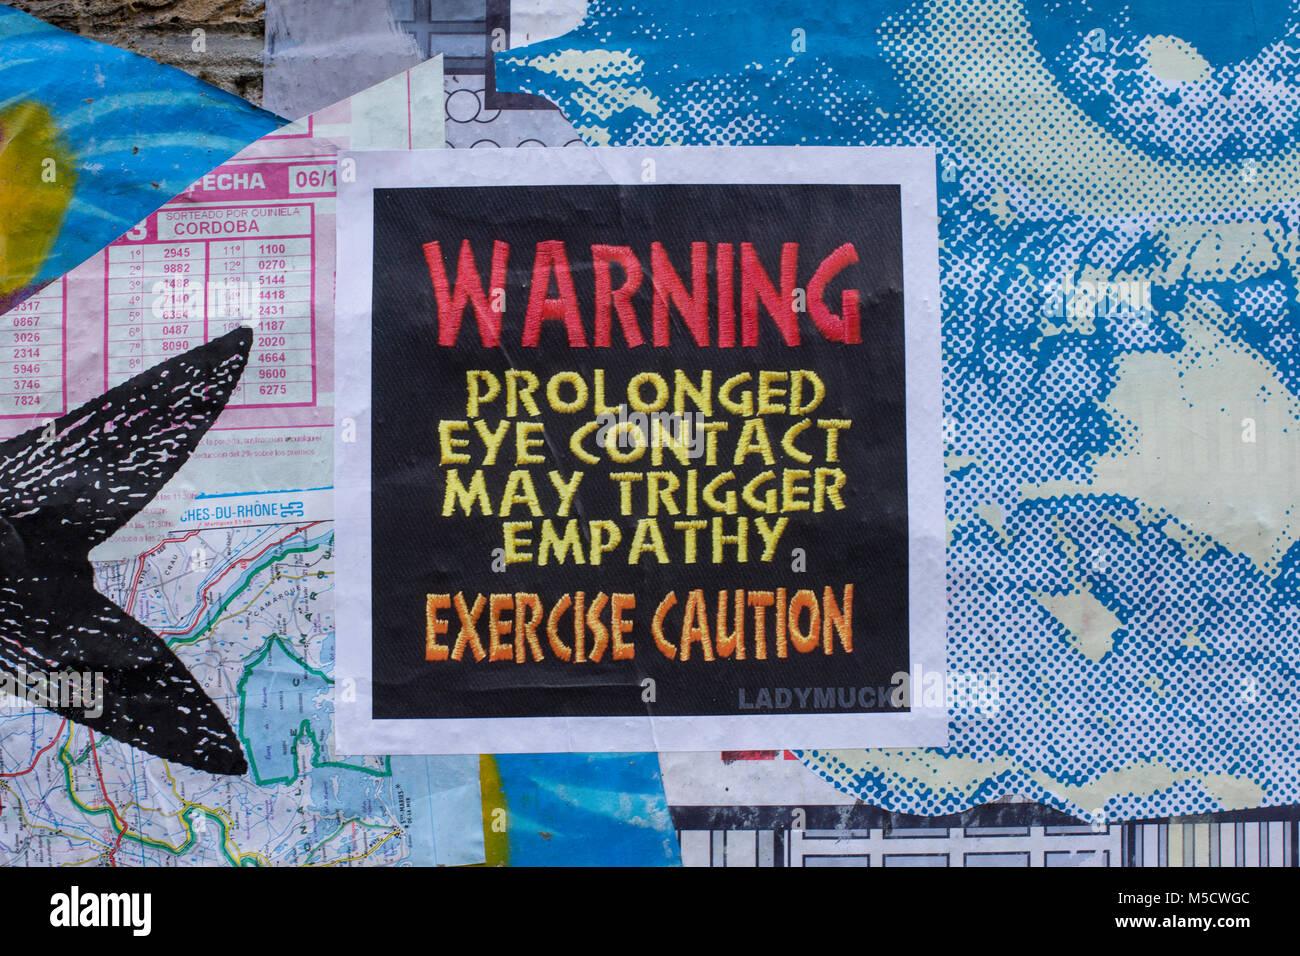 LONDON, UK - FEBRUARY 11, 2018: Graffiti, posters and stickers on Brick Lane, Banglatown, Spitalfields / Whitechapel. - Stock Image